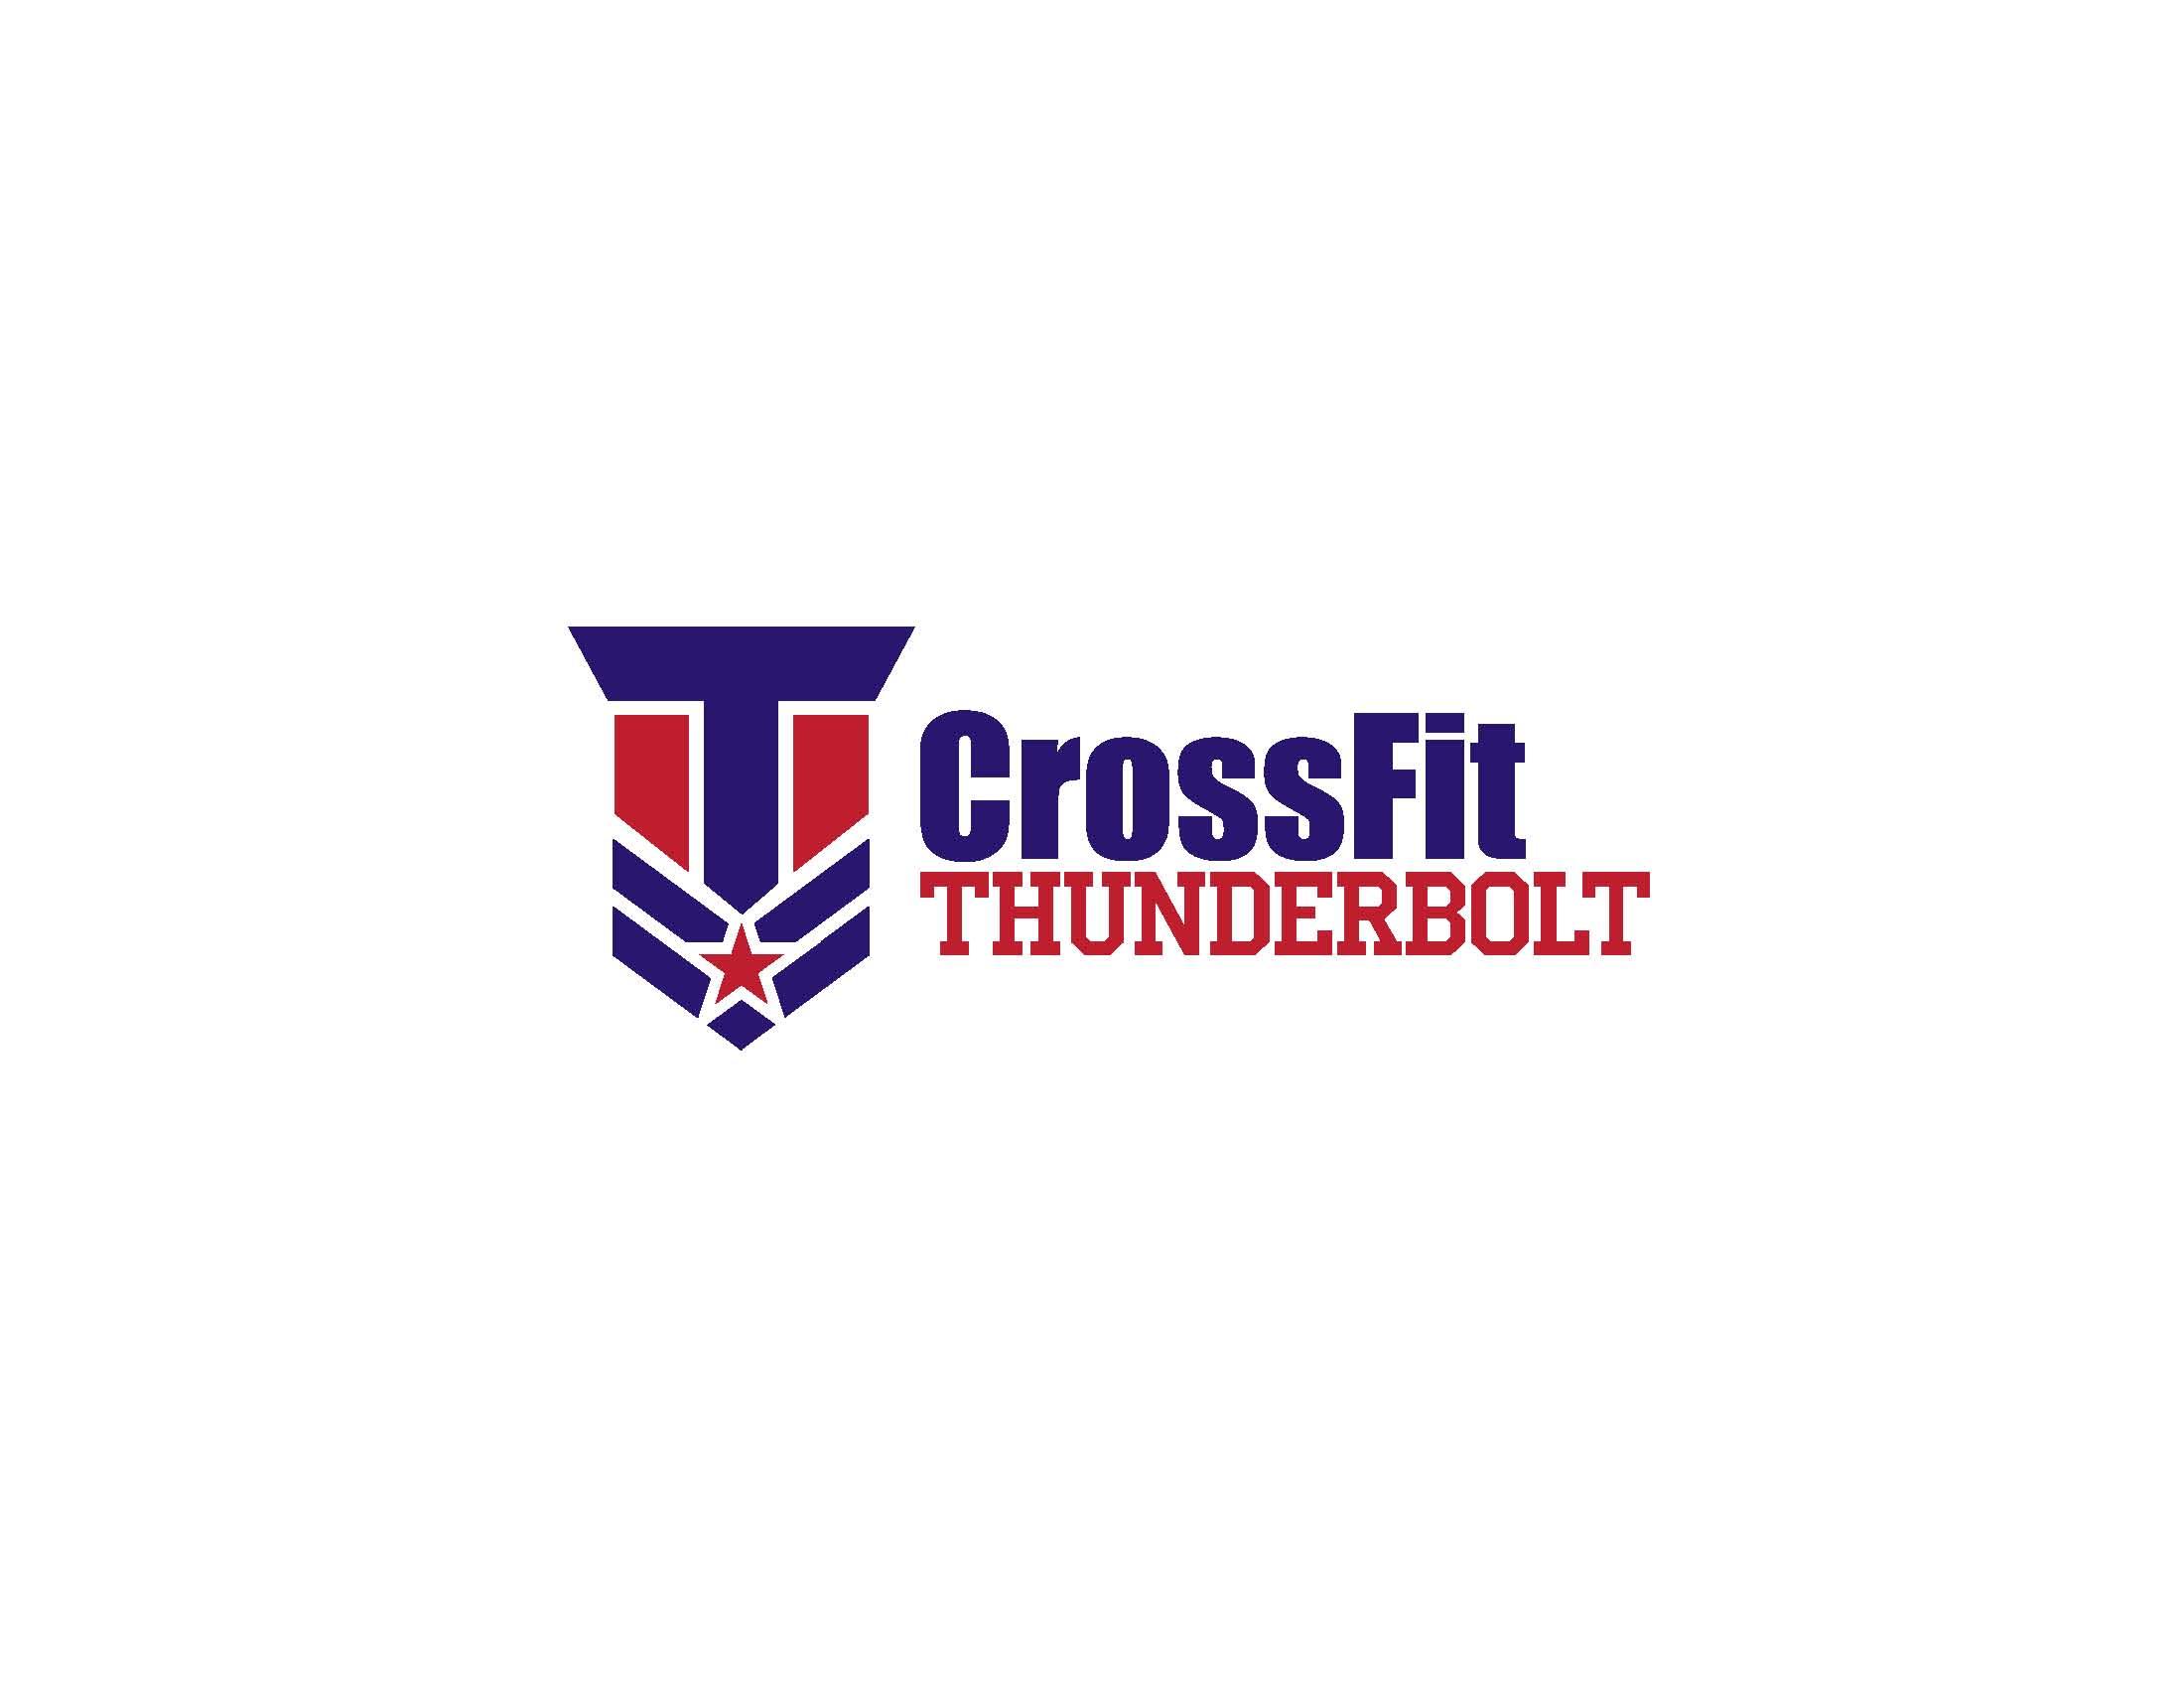 CrossFit Thunderbolt